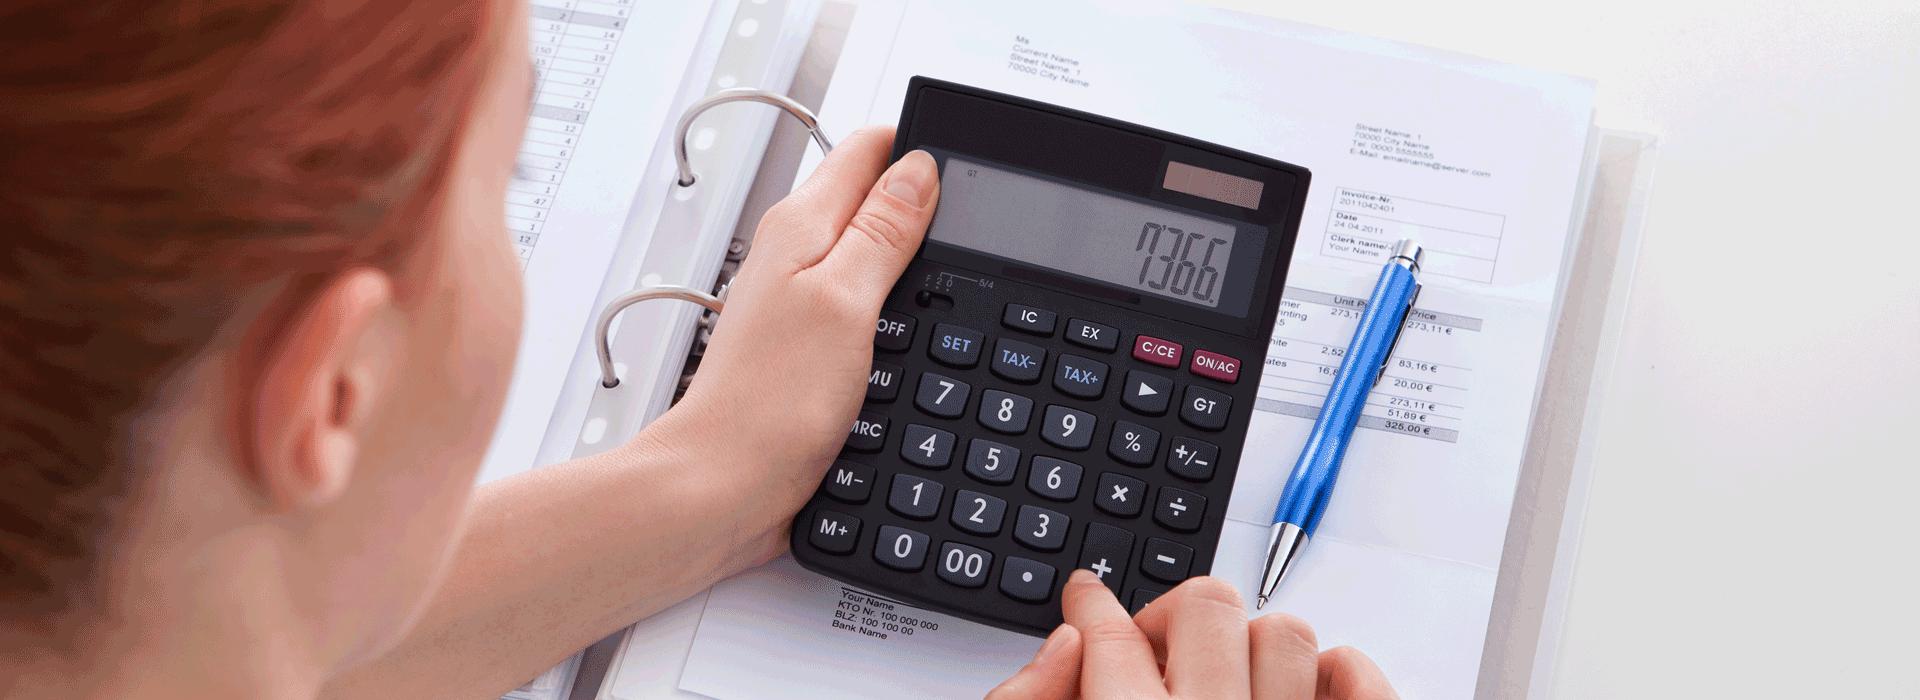 北市每人月平均支出27K  薪水26K要如何生活?